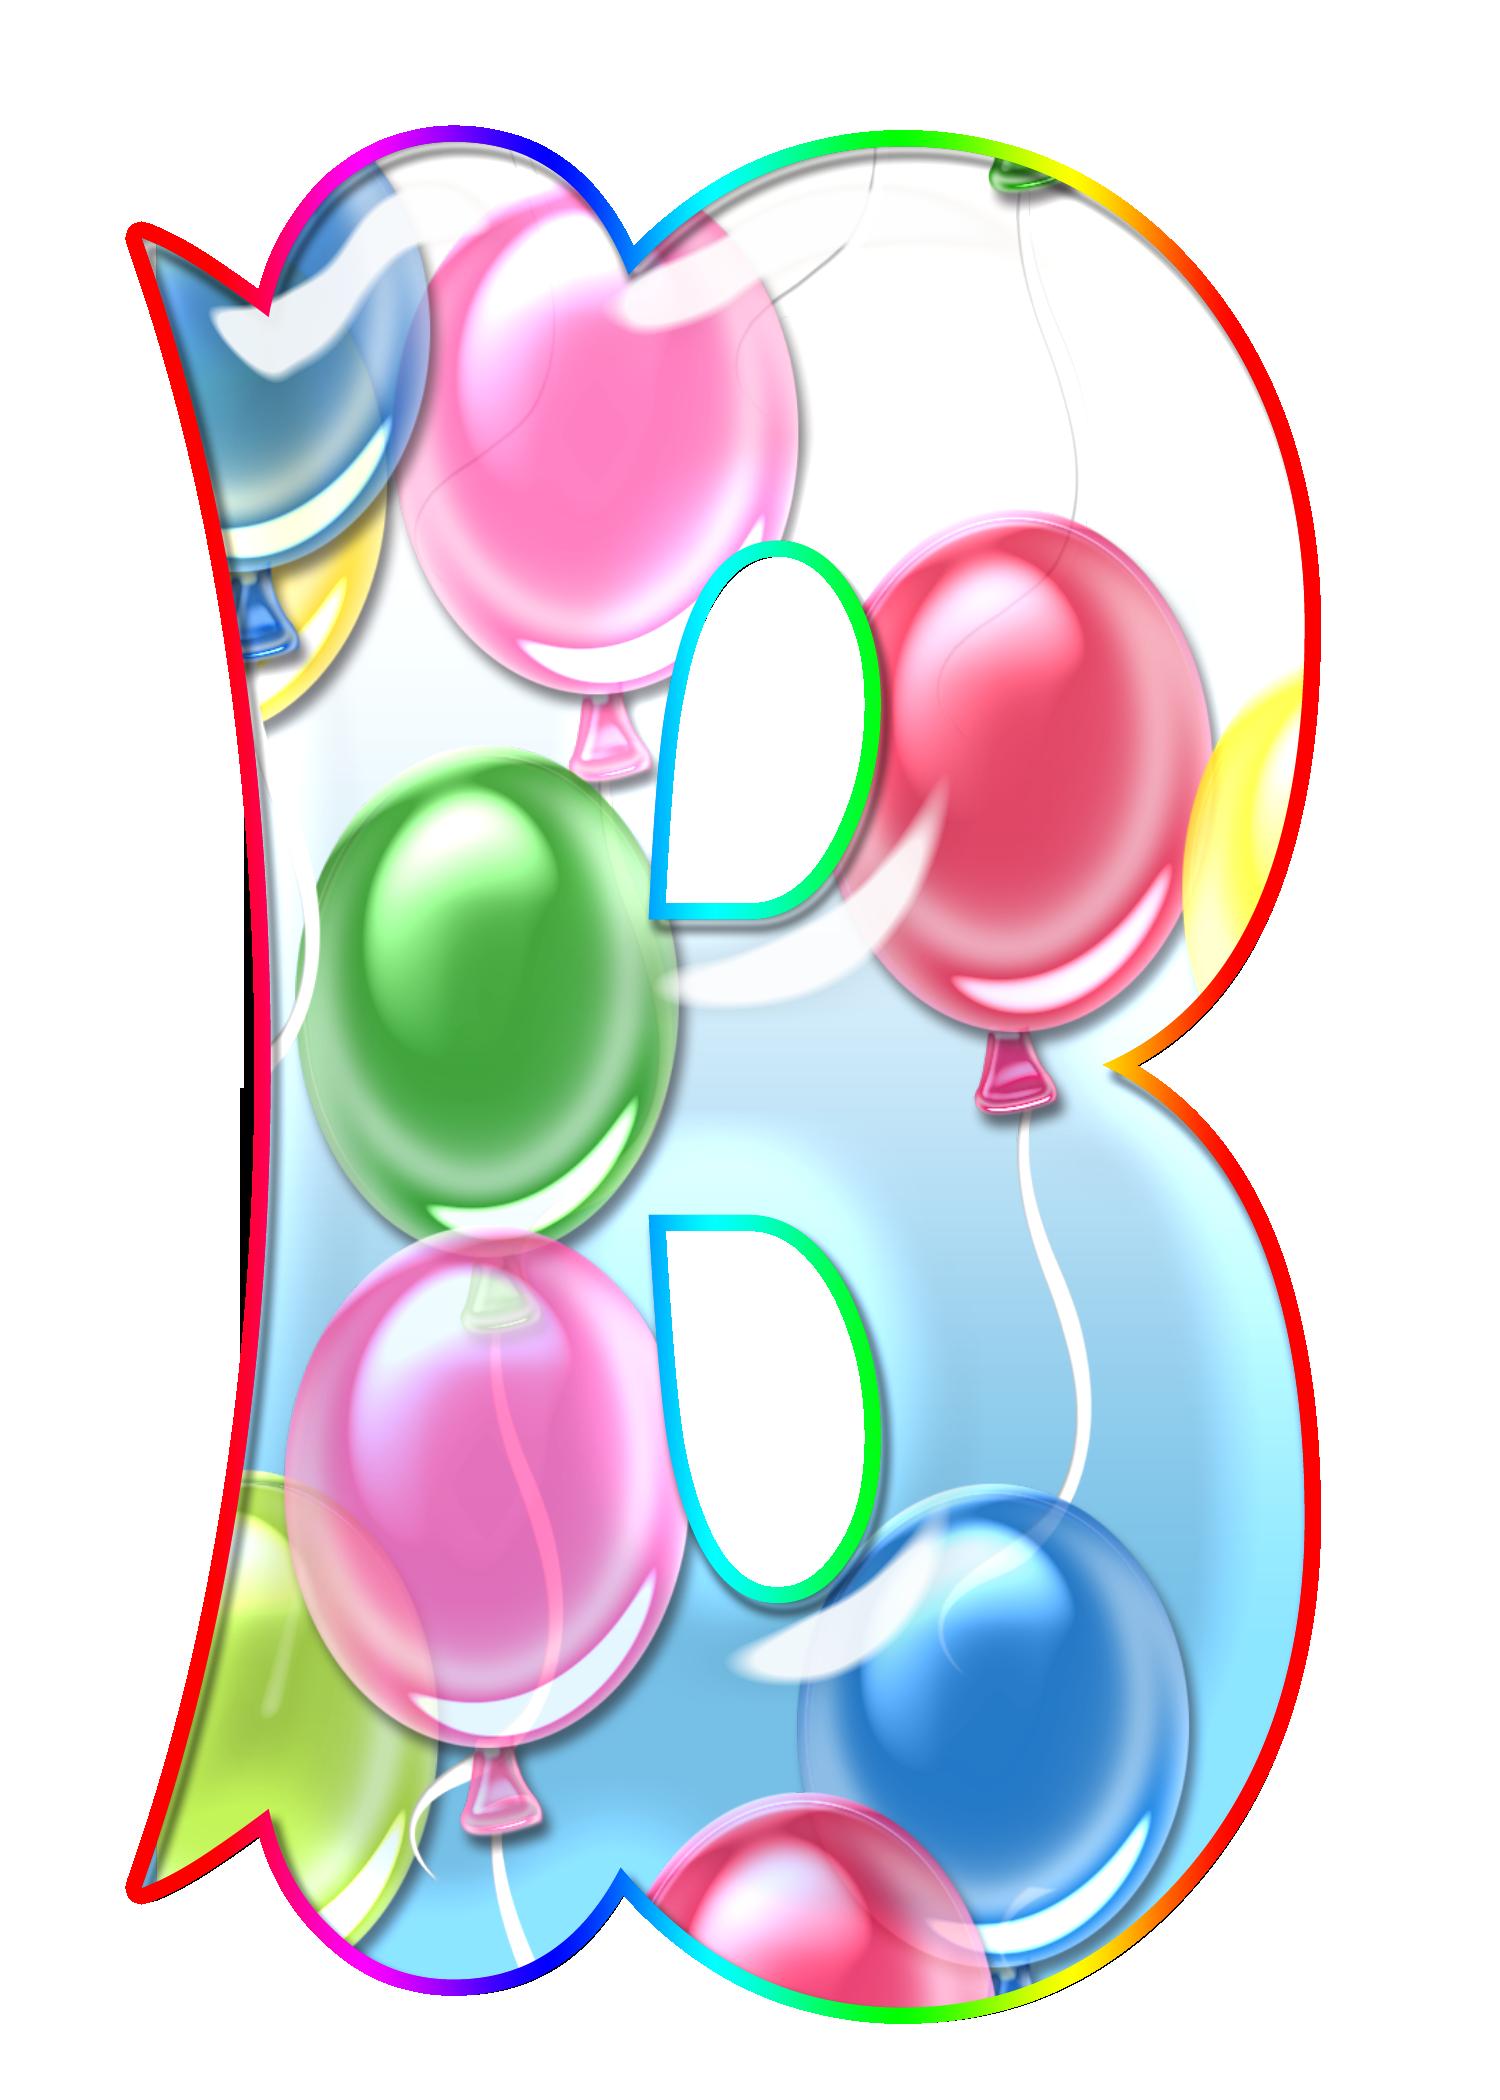 что алфавит русский картинки с днем рождения ножки показывает писю